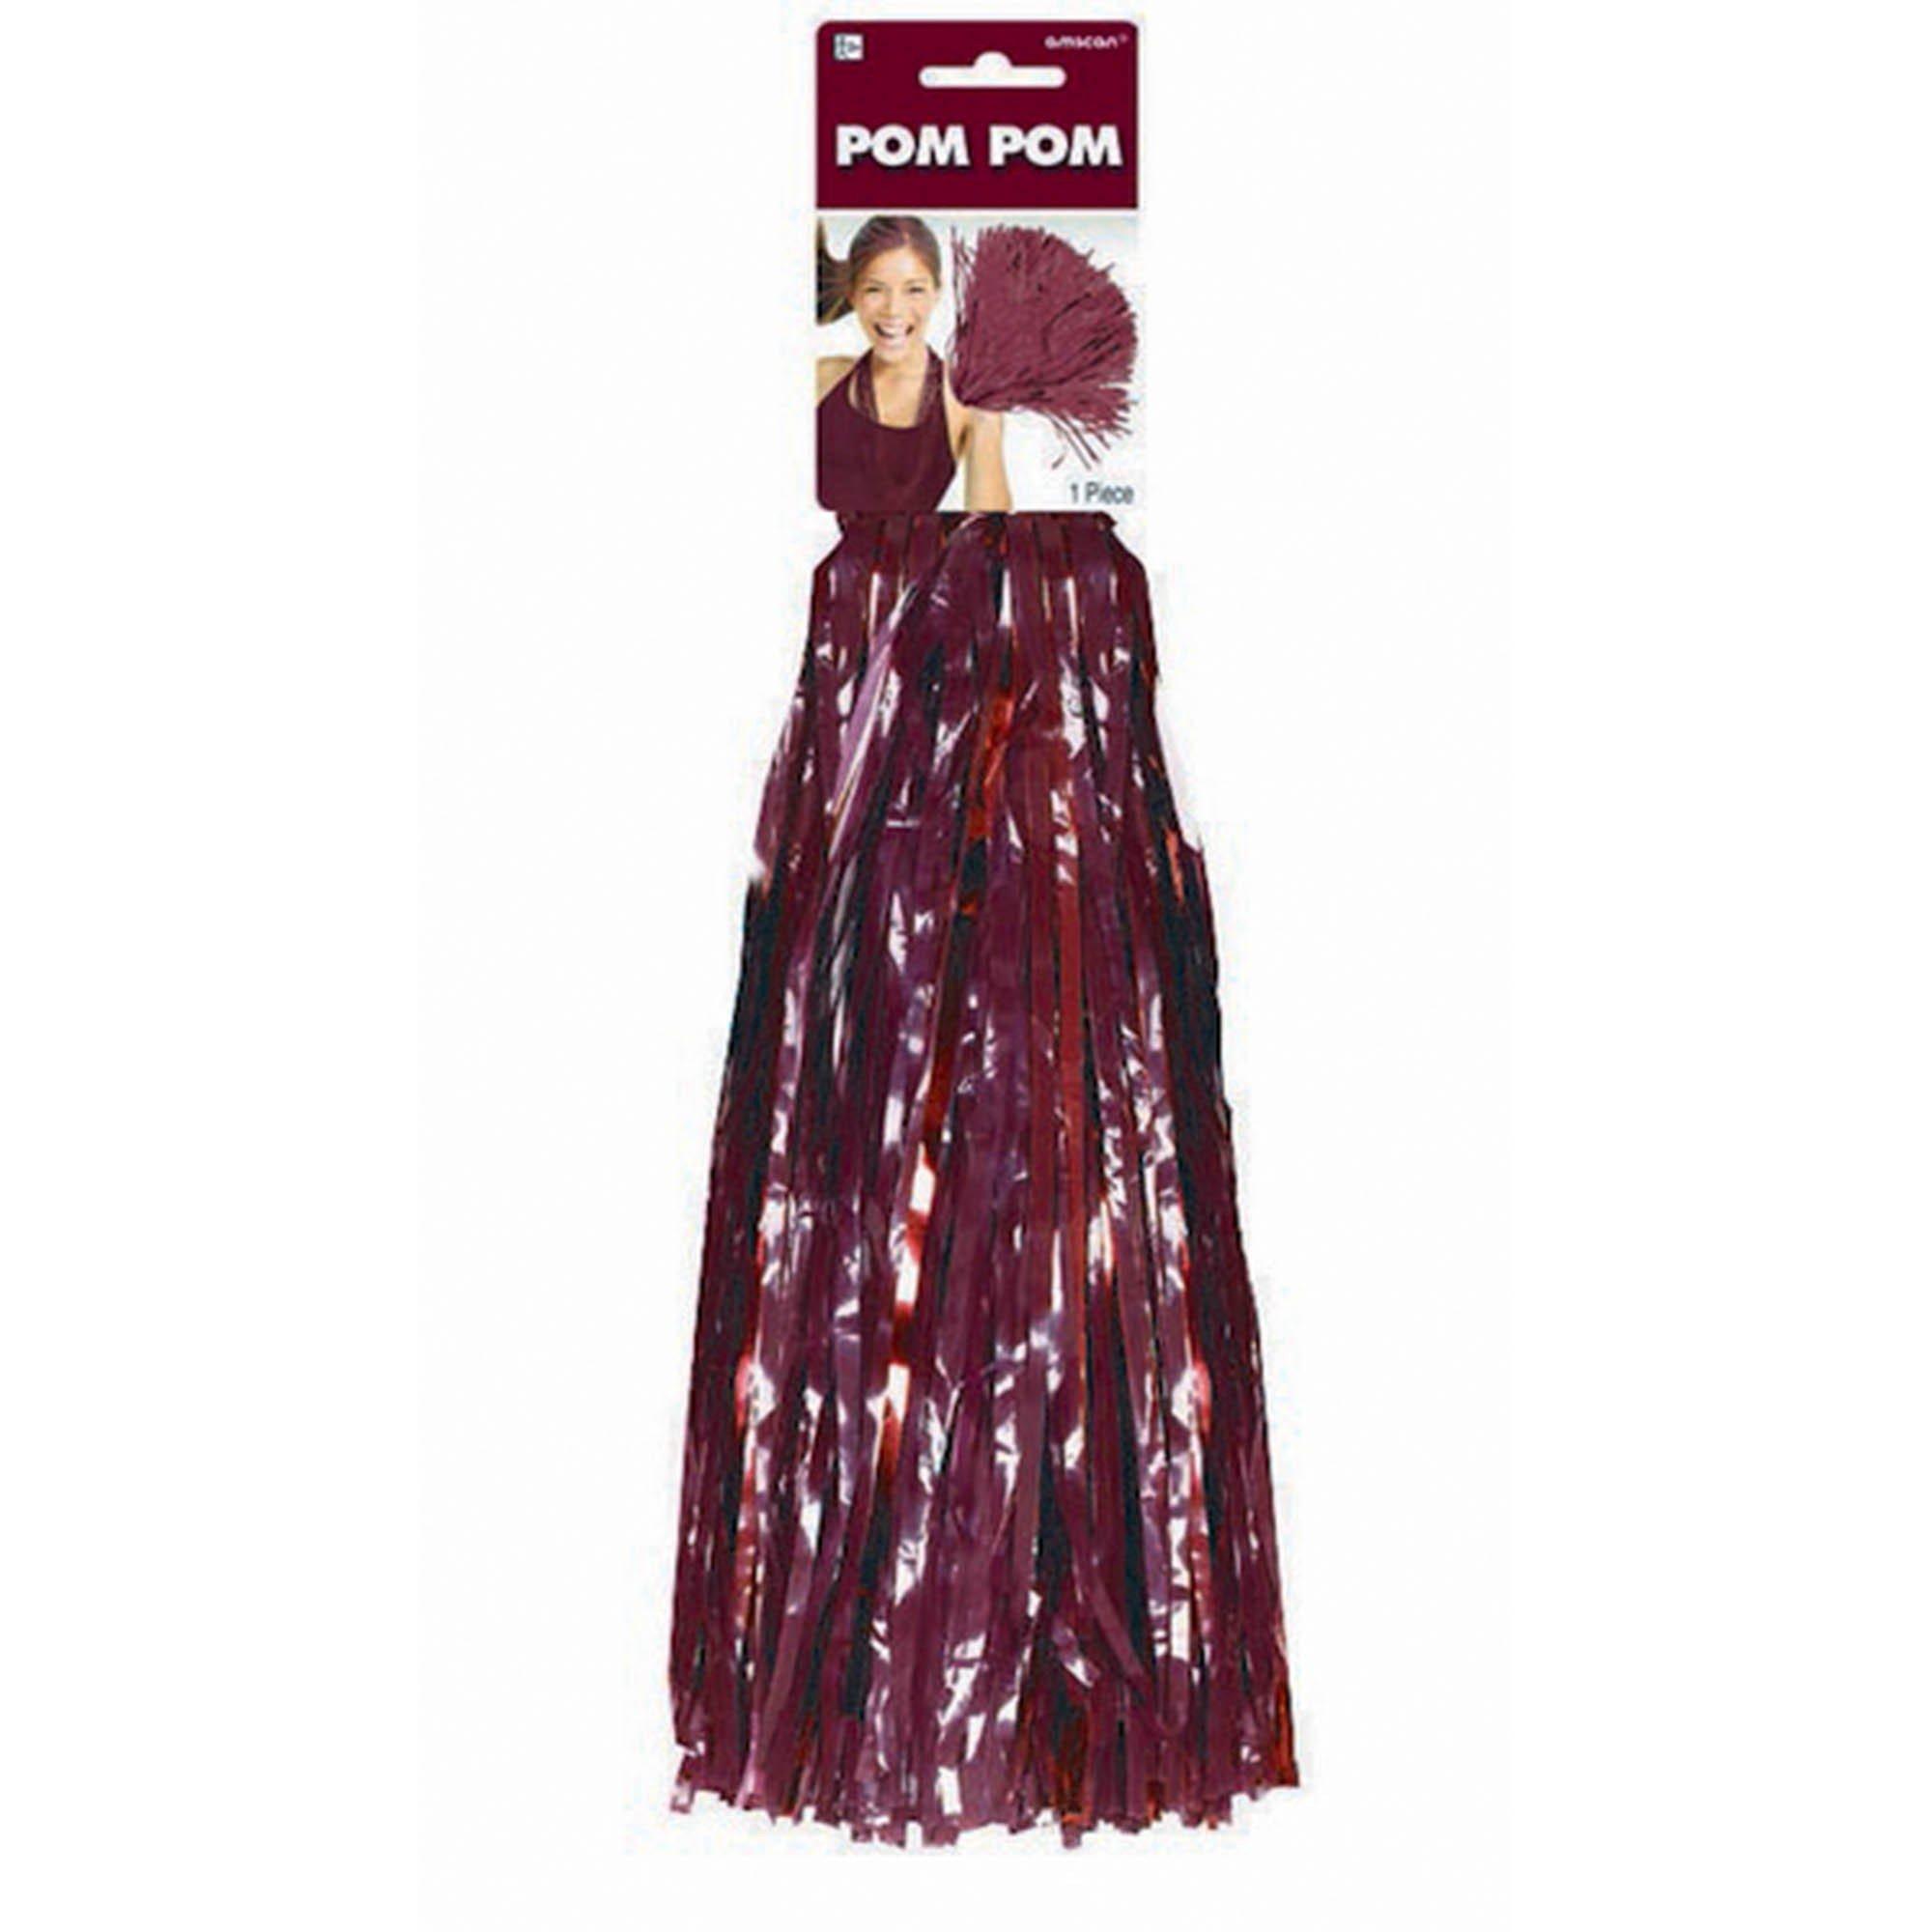 Pom Pom Mix- Burgundy